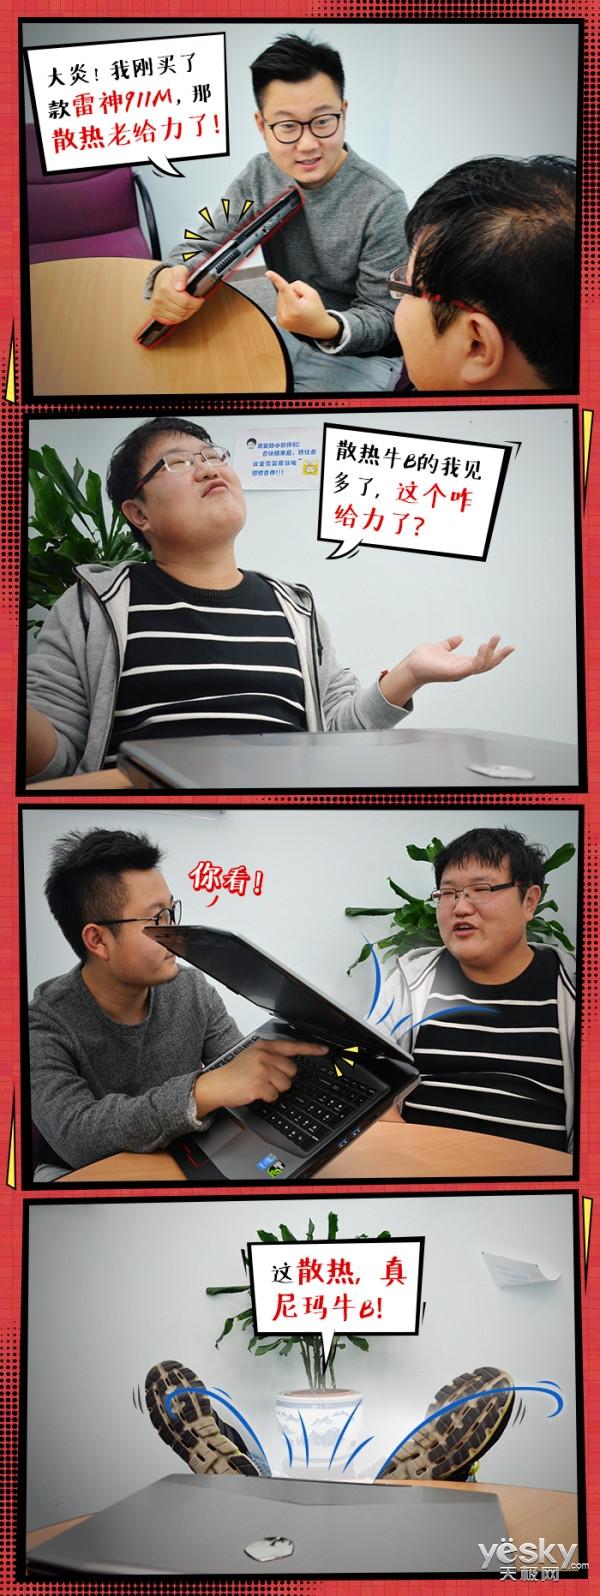 雷神漫画:一个关于911M为啥辣么牛B的故事!